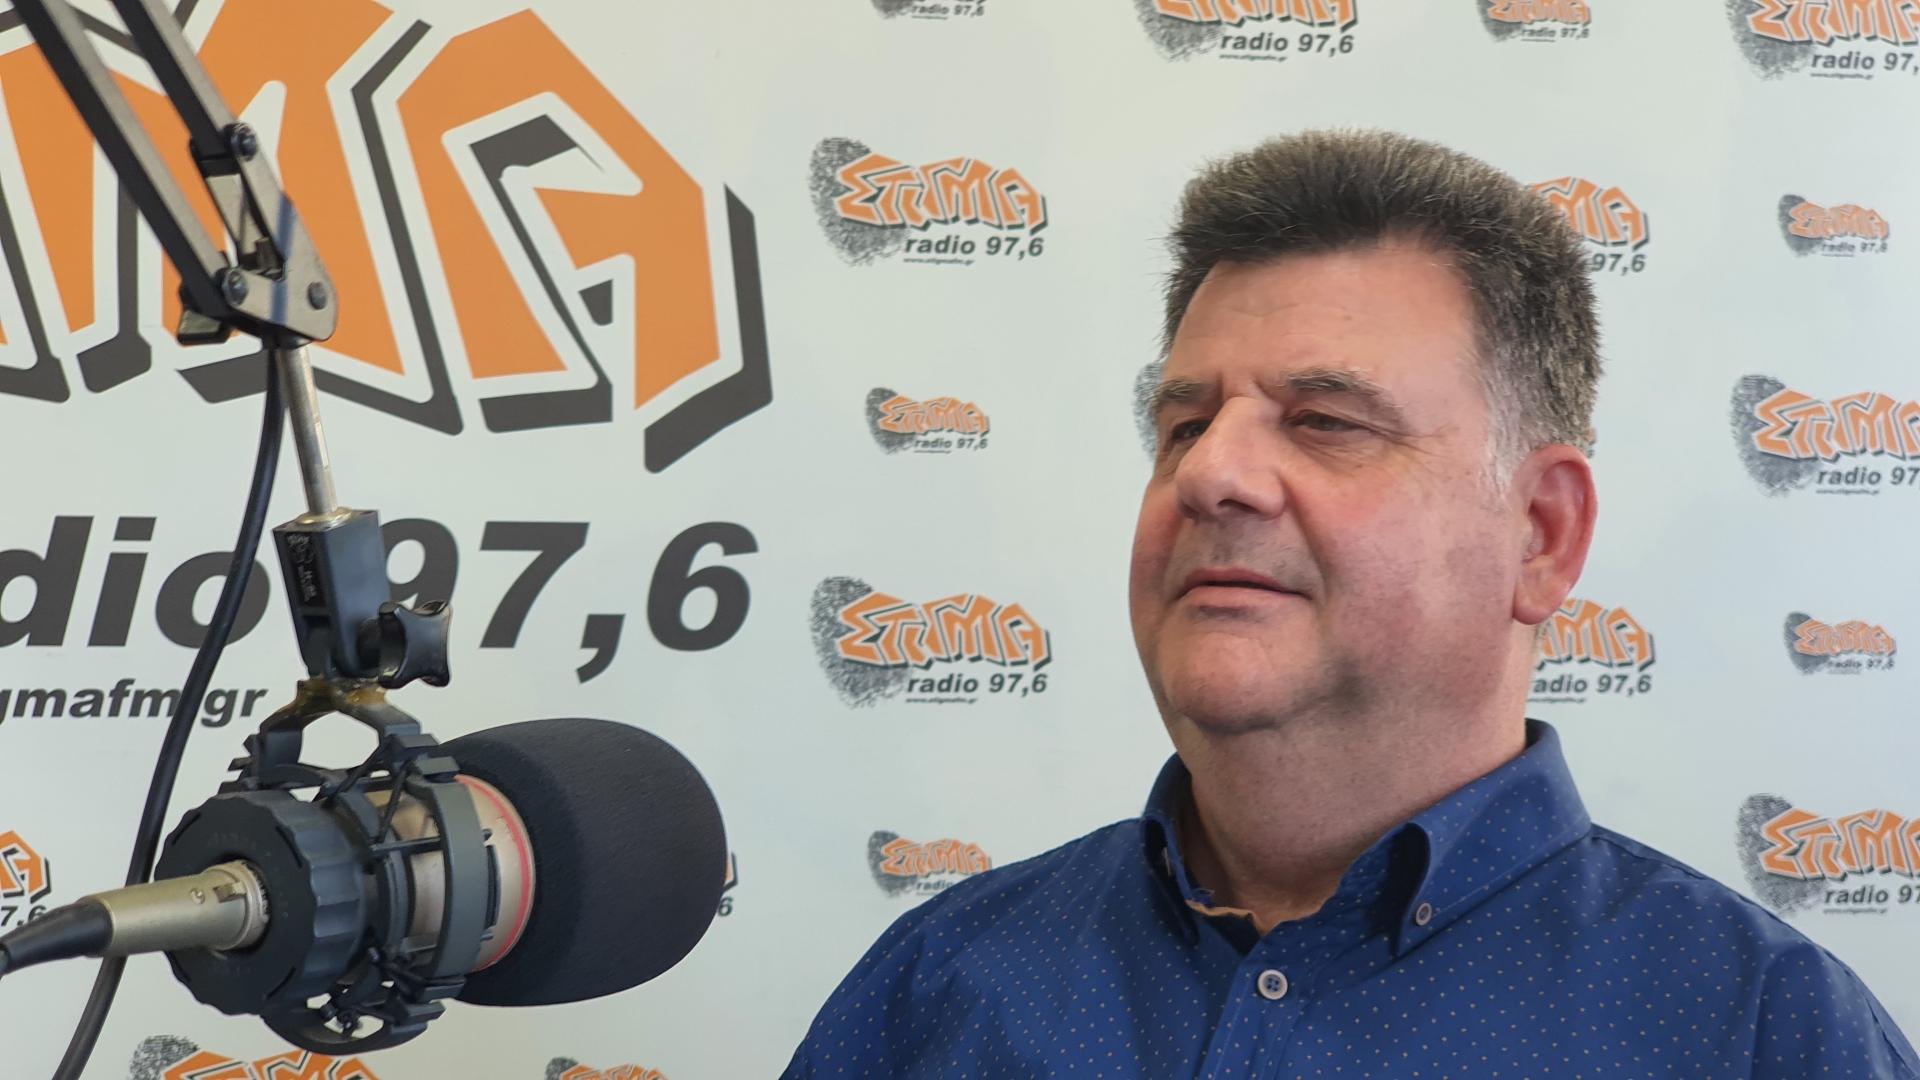 Ο κ. Αρετάκης είναι ένας πραγματικά έντιμος άνθρωπος αλλά δεν μπορεί να κατέχει και τις έντεκα θέσεις της ομάδας